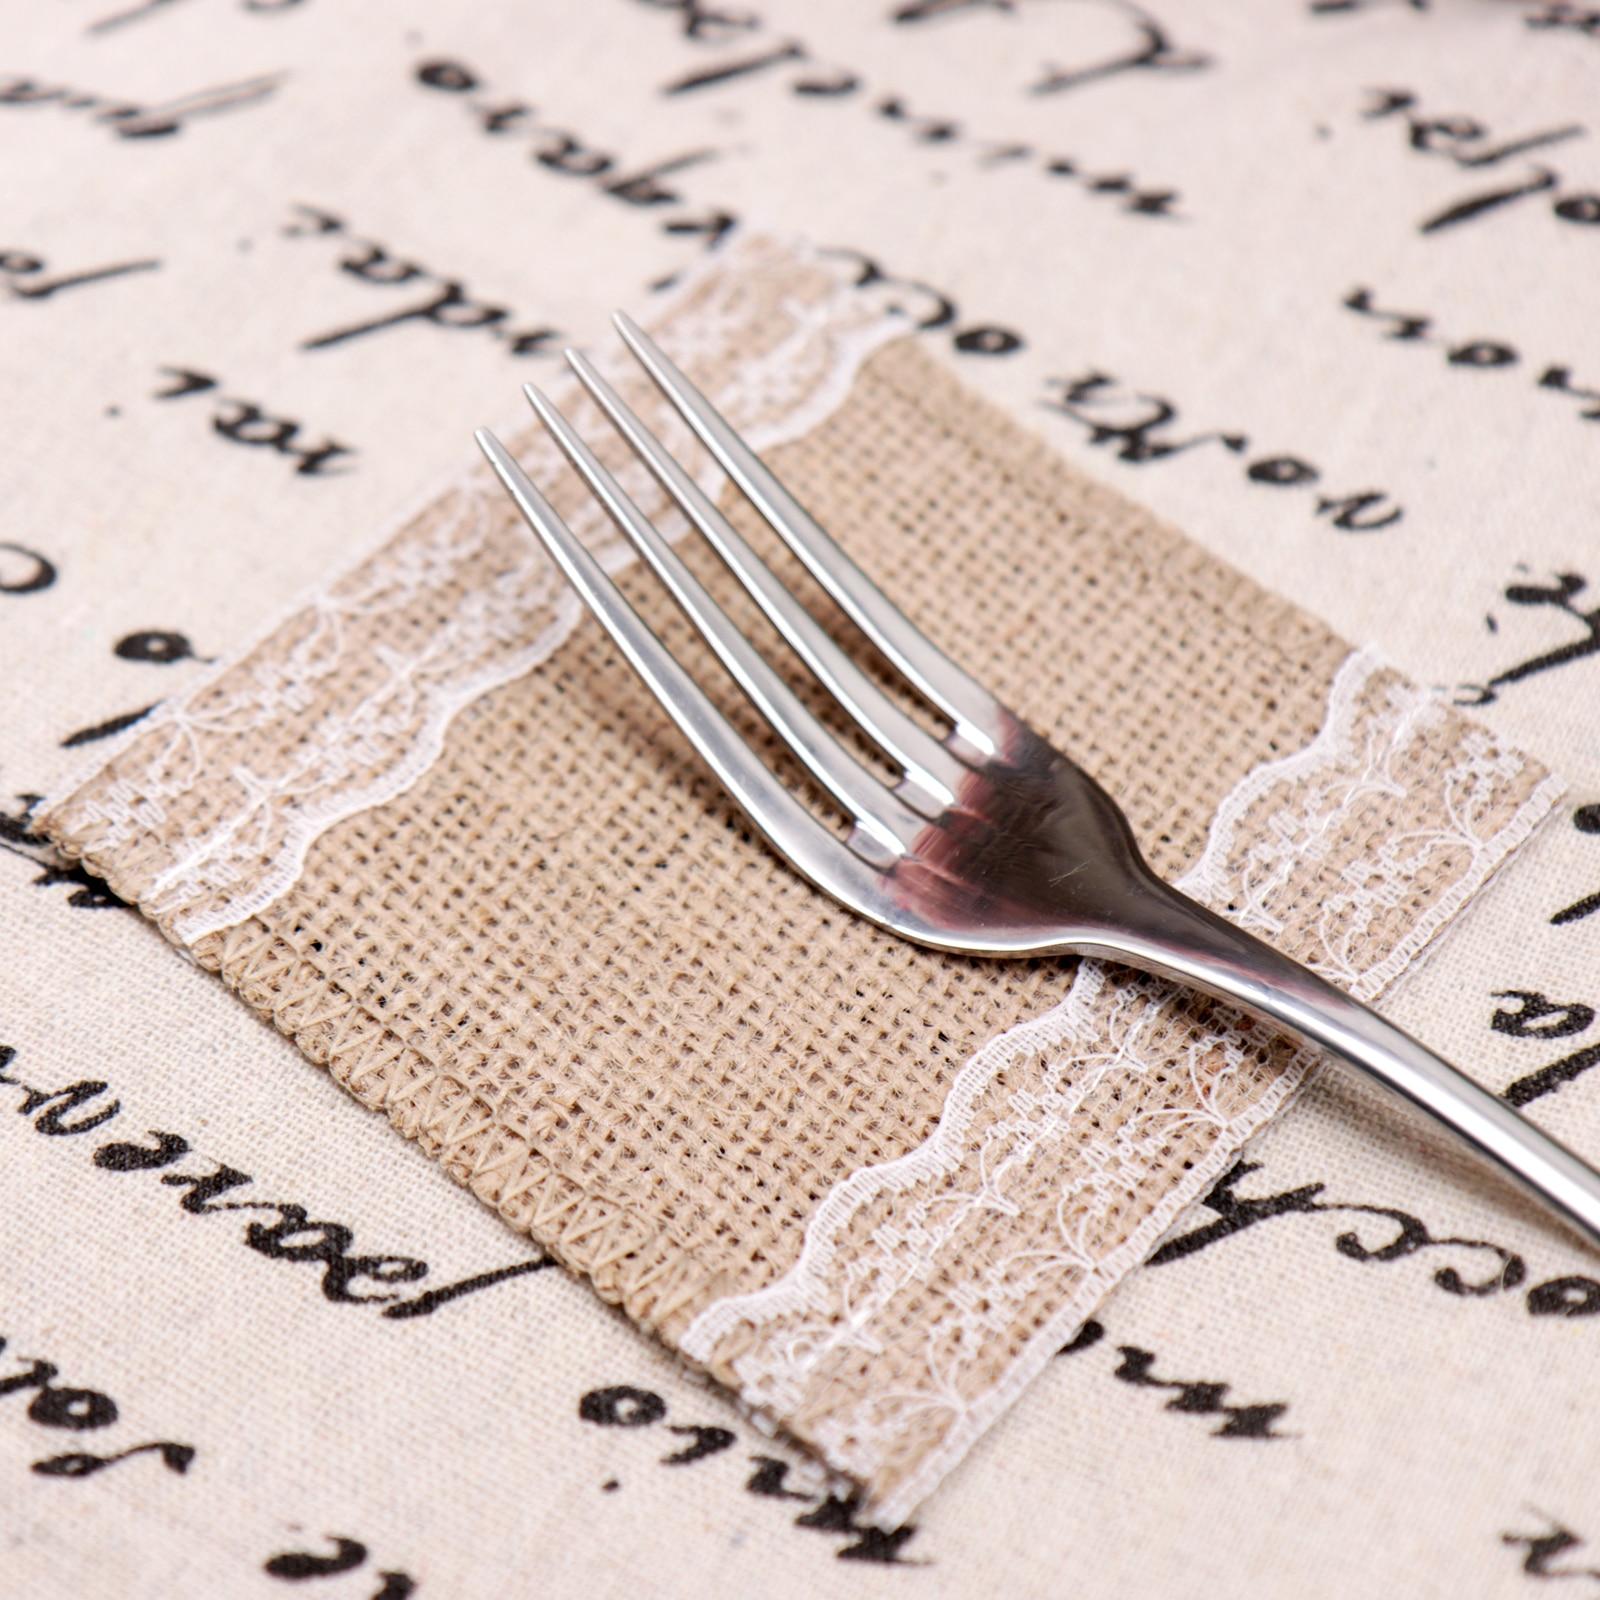 Doğal Rustik Hessen Çuval Dantel yemek masası Mat Placemat Fincan Içecekler Bardak Ped masa süsü Düğün Parti Yemek Dekor